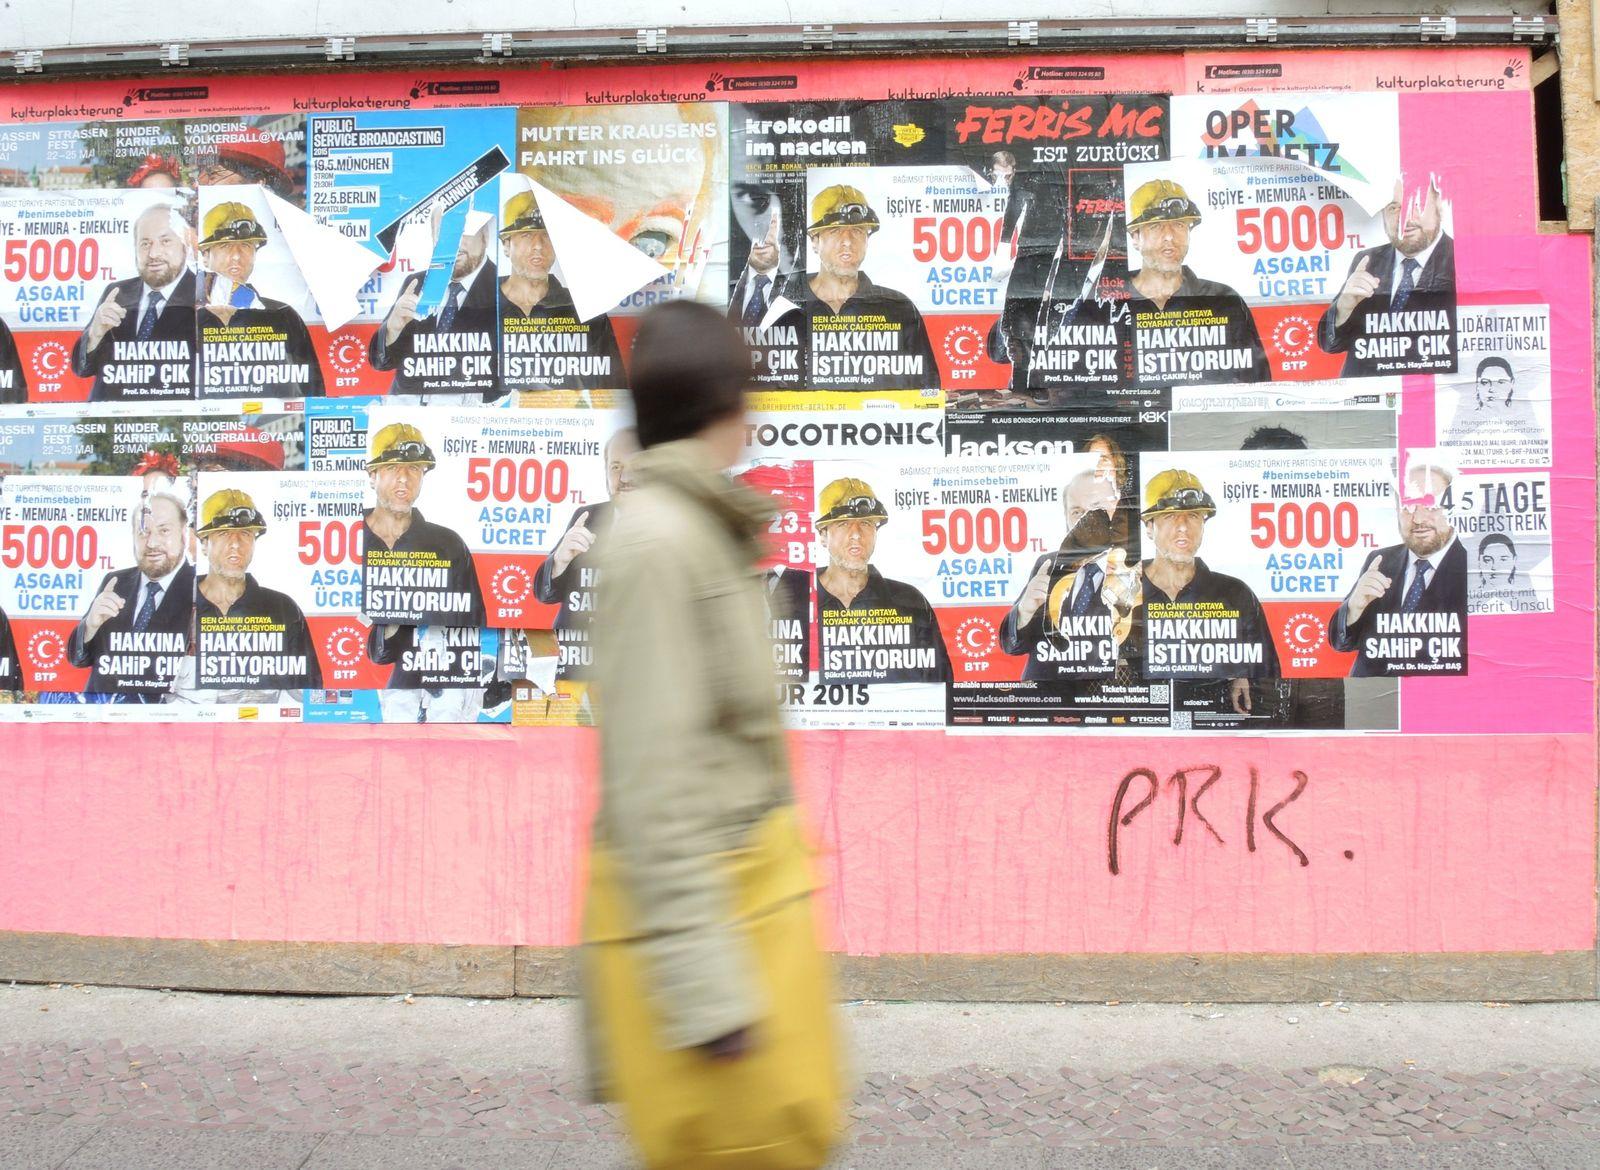 Türkischer Wahlkampf in Deutschland